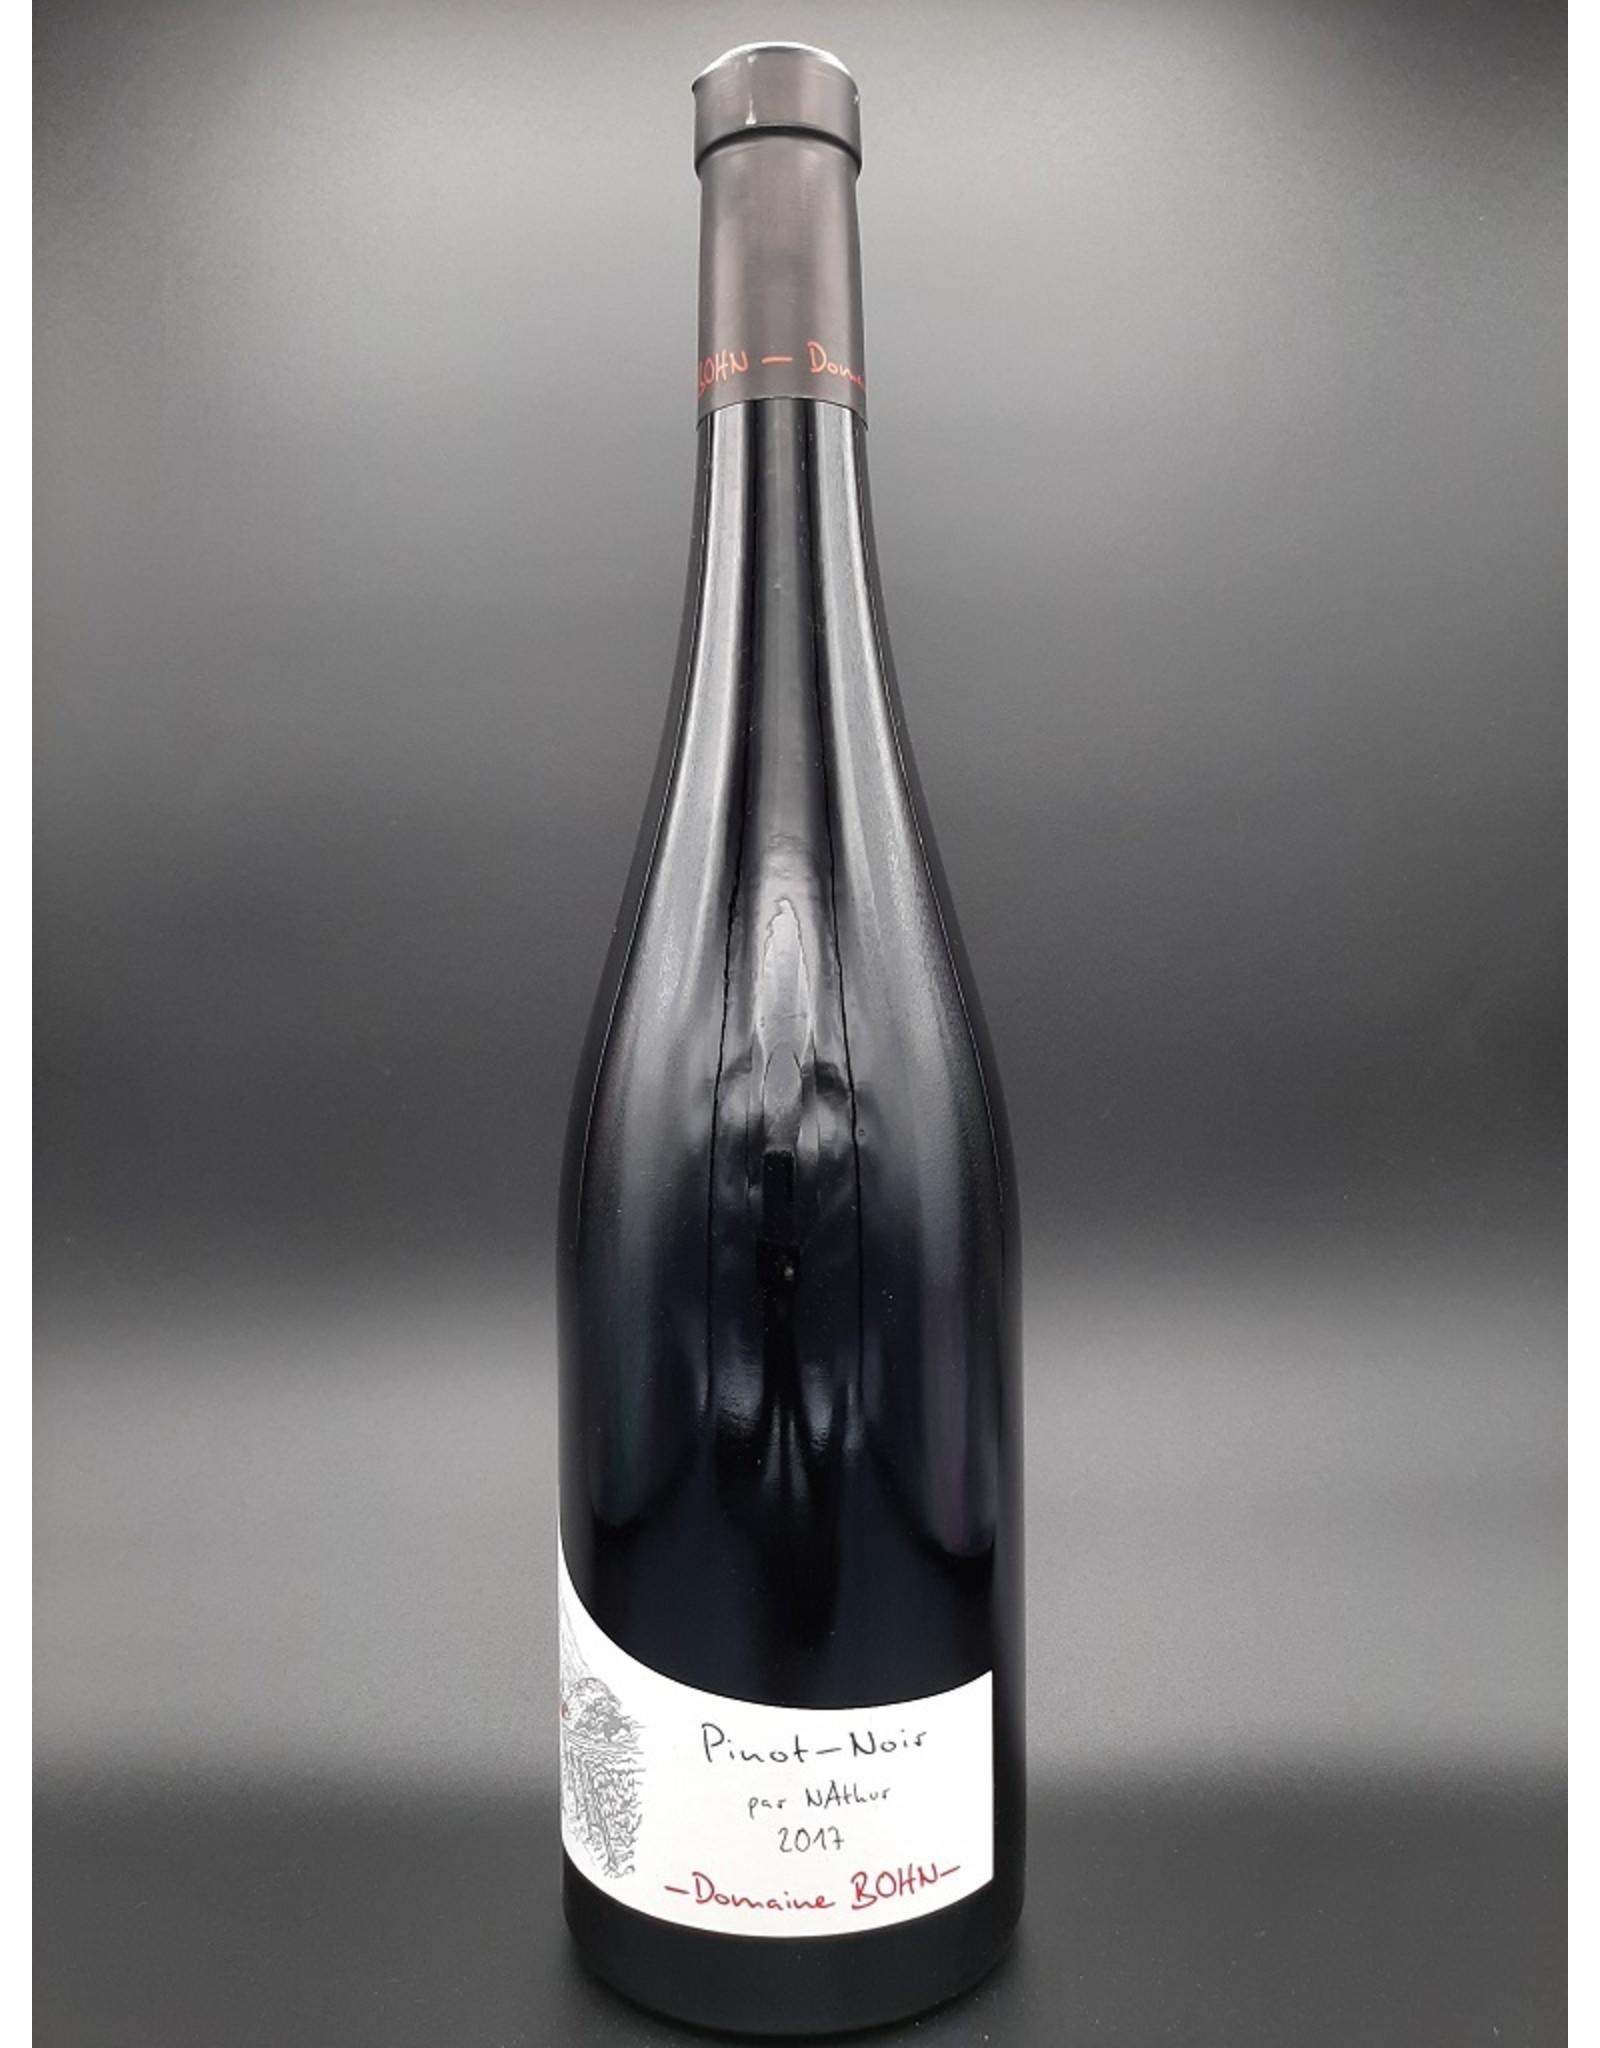 Domaine Bohn Pinot Noir cuvée Par nAtur 2018